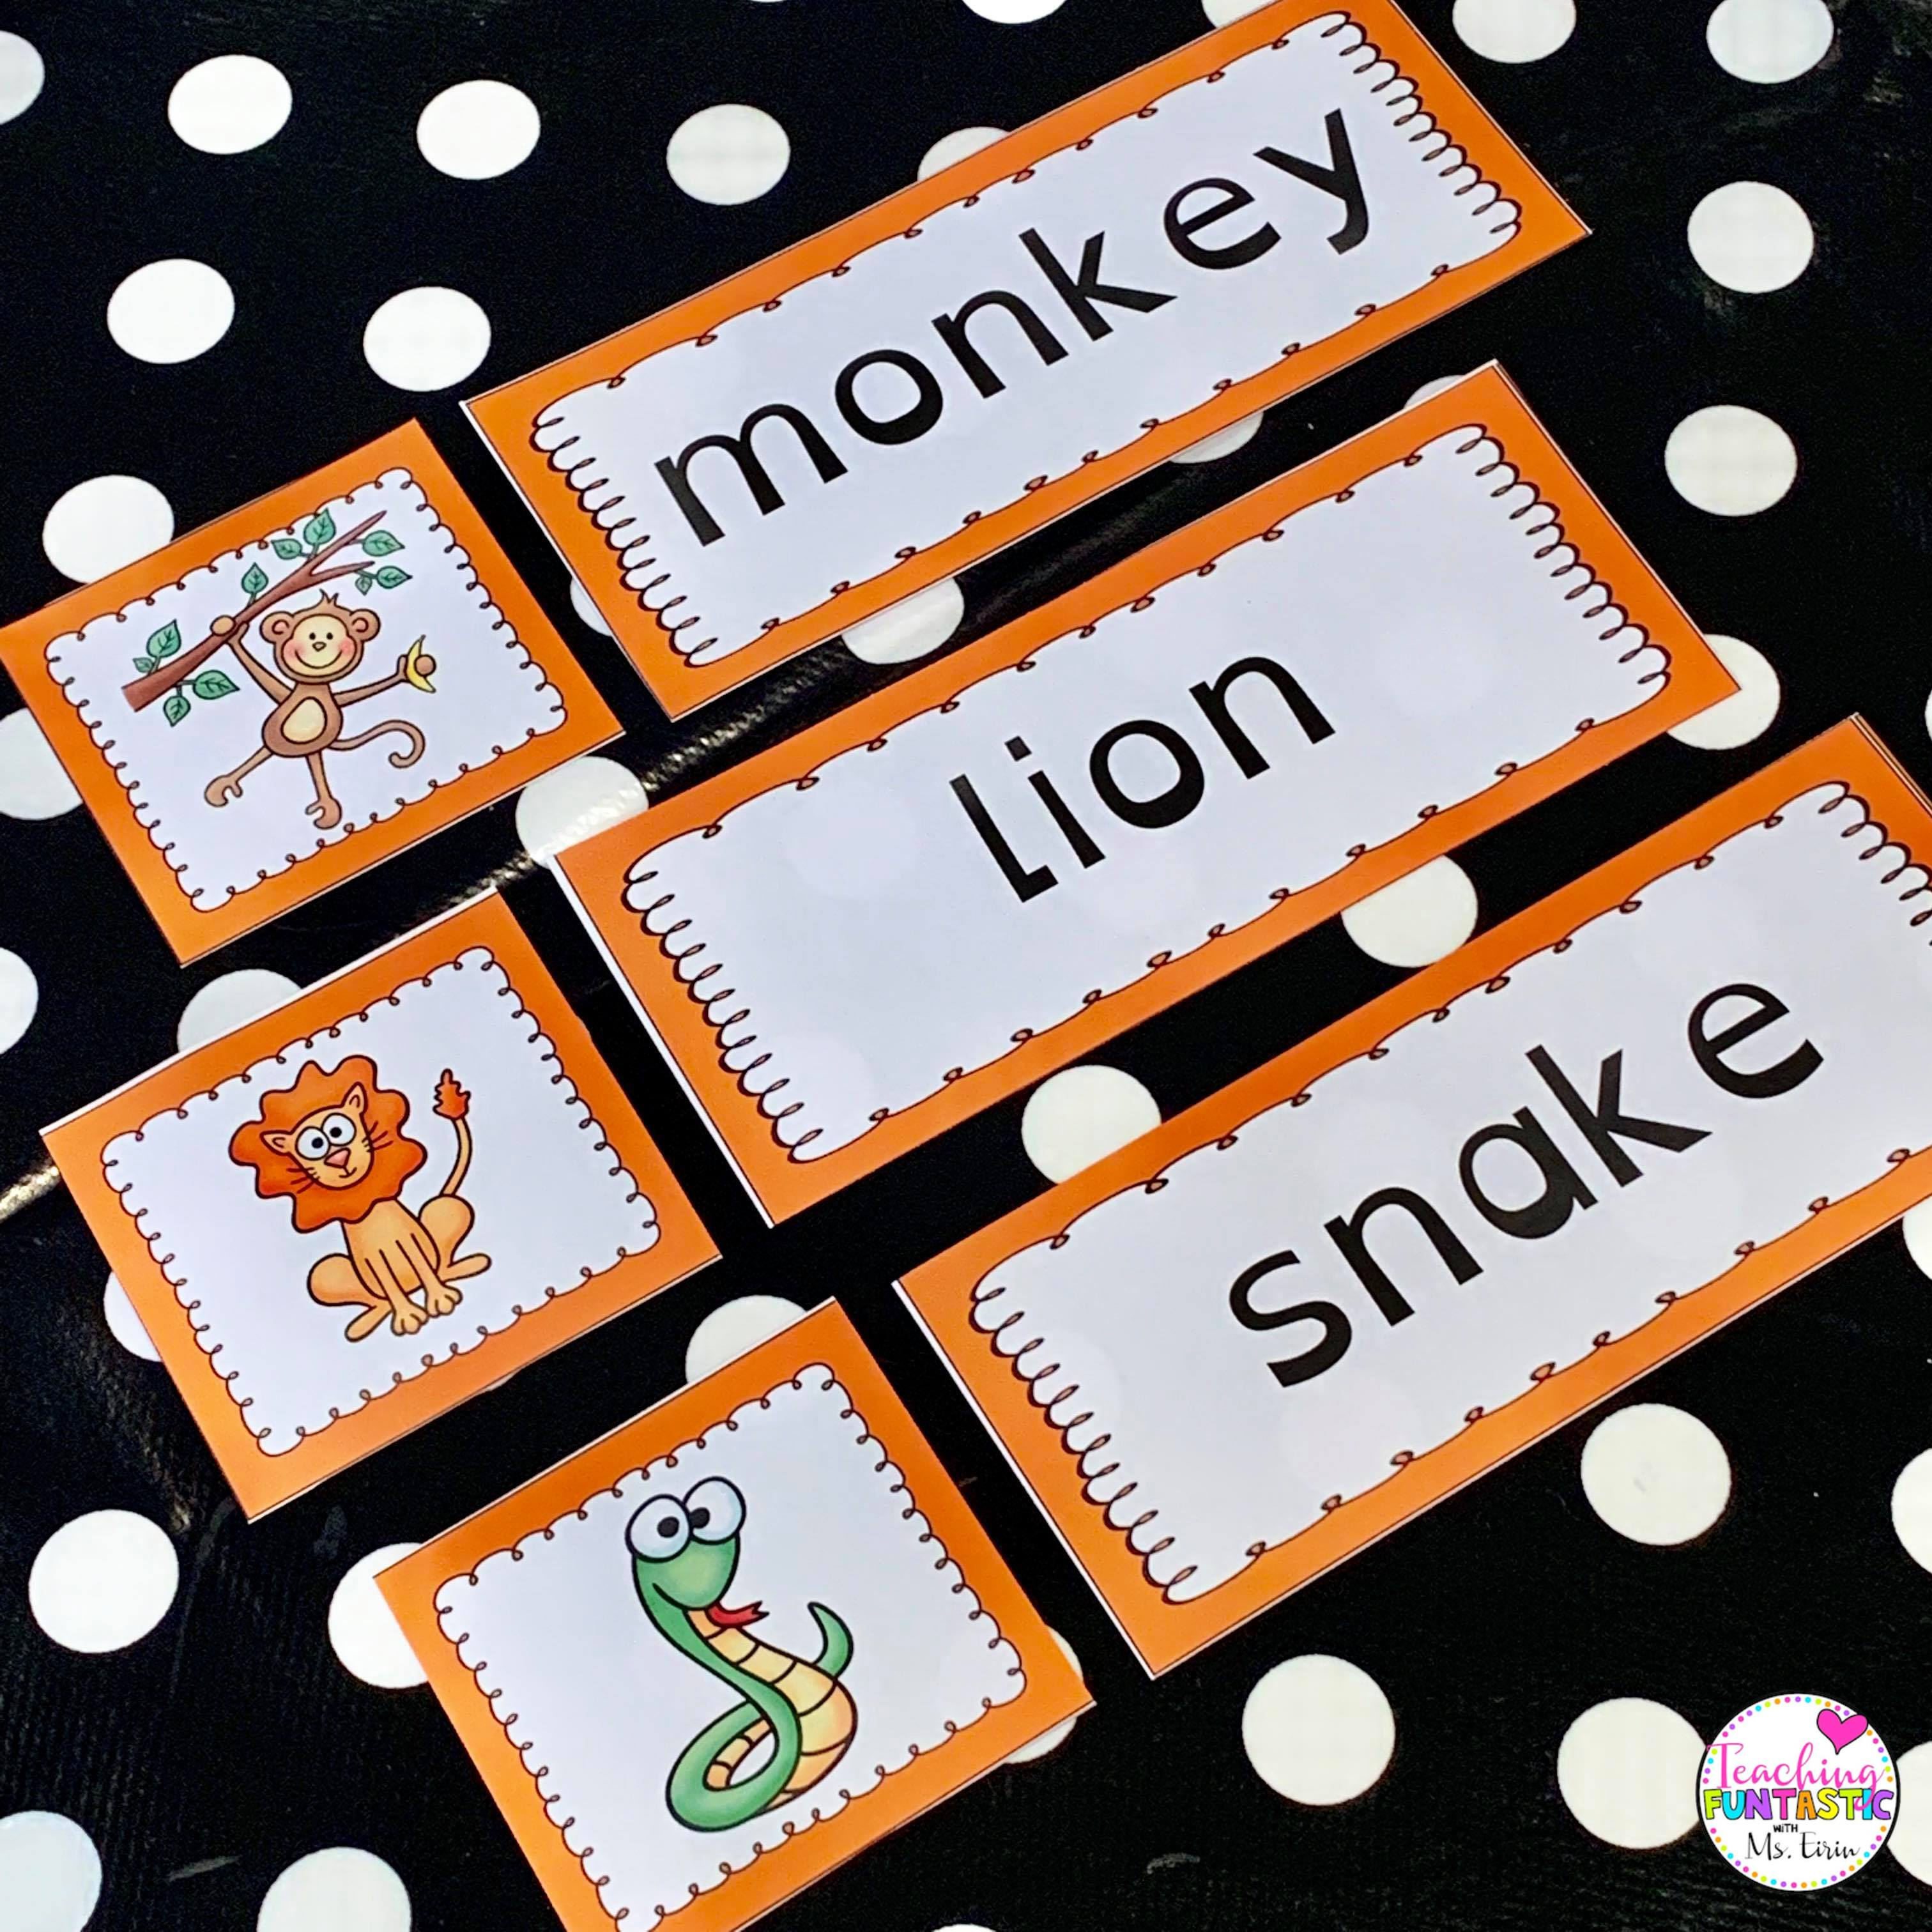 Sorteringskort der man matcher ord og bilde. Dyr på engelsk.